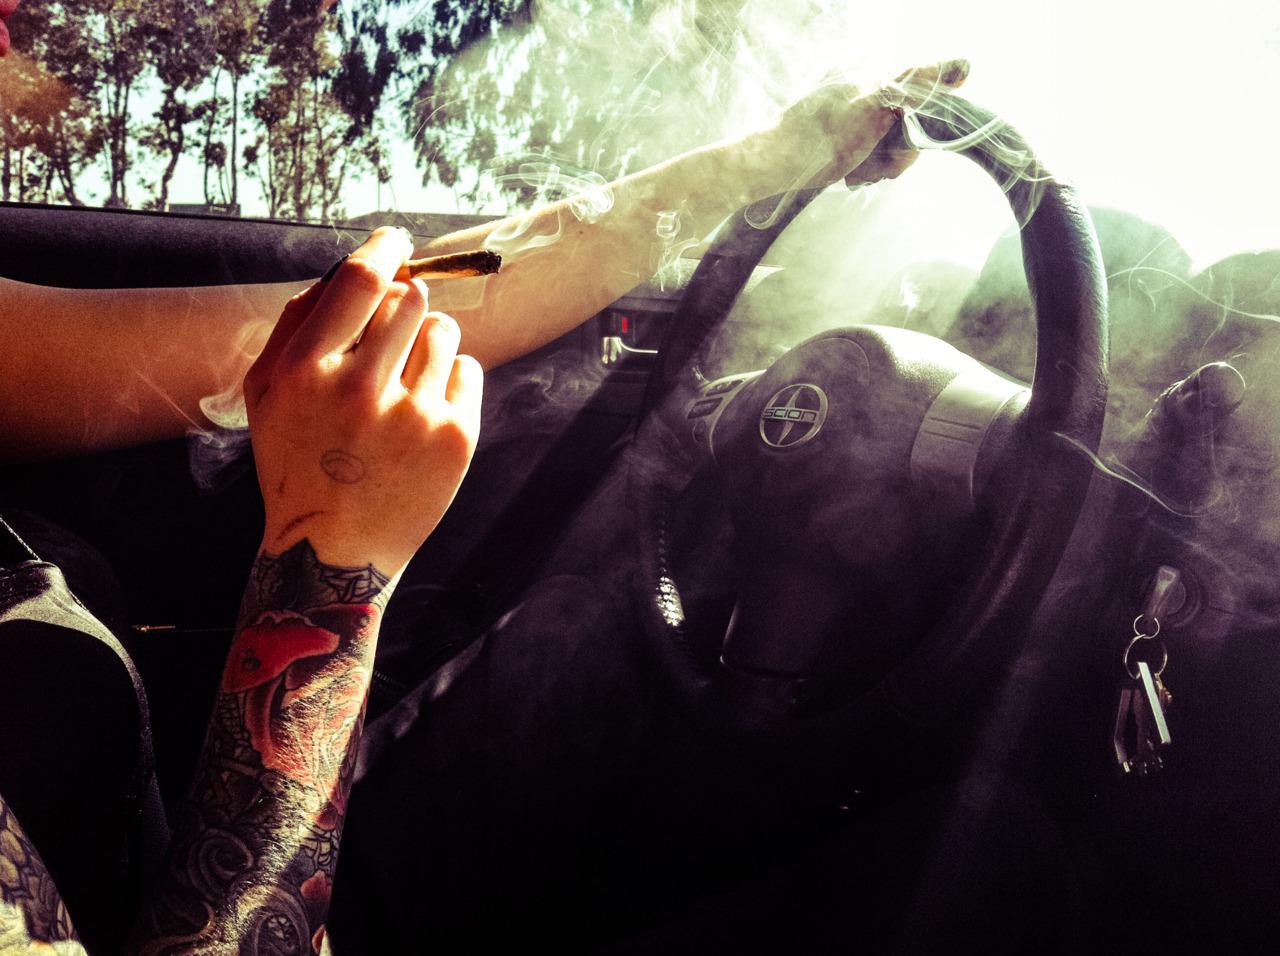 Maconha reduz a capacidade de dirigir